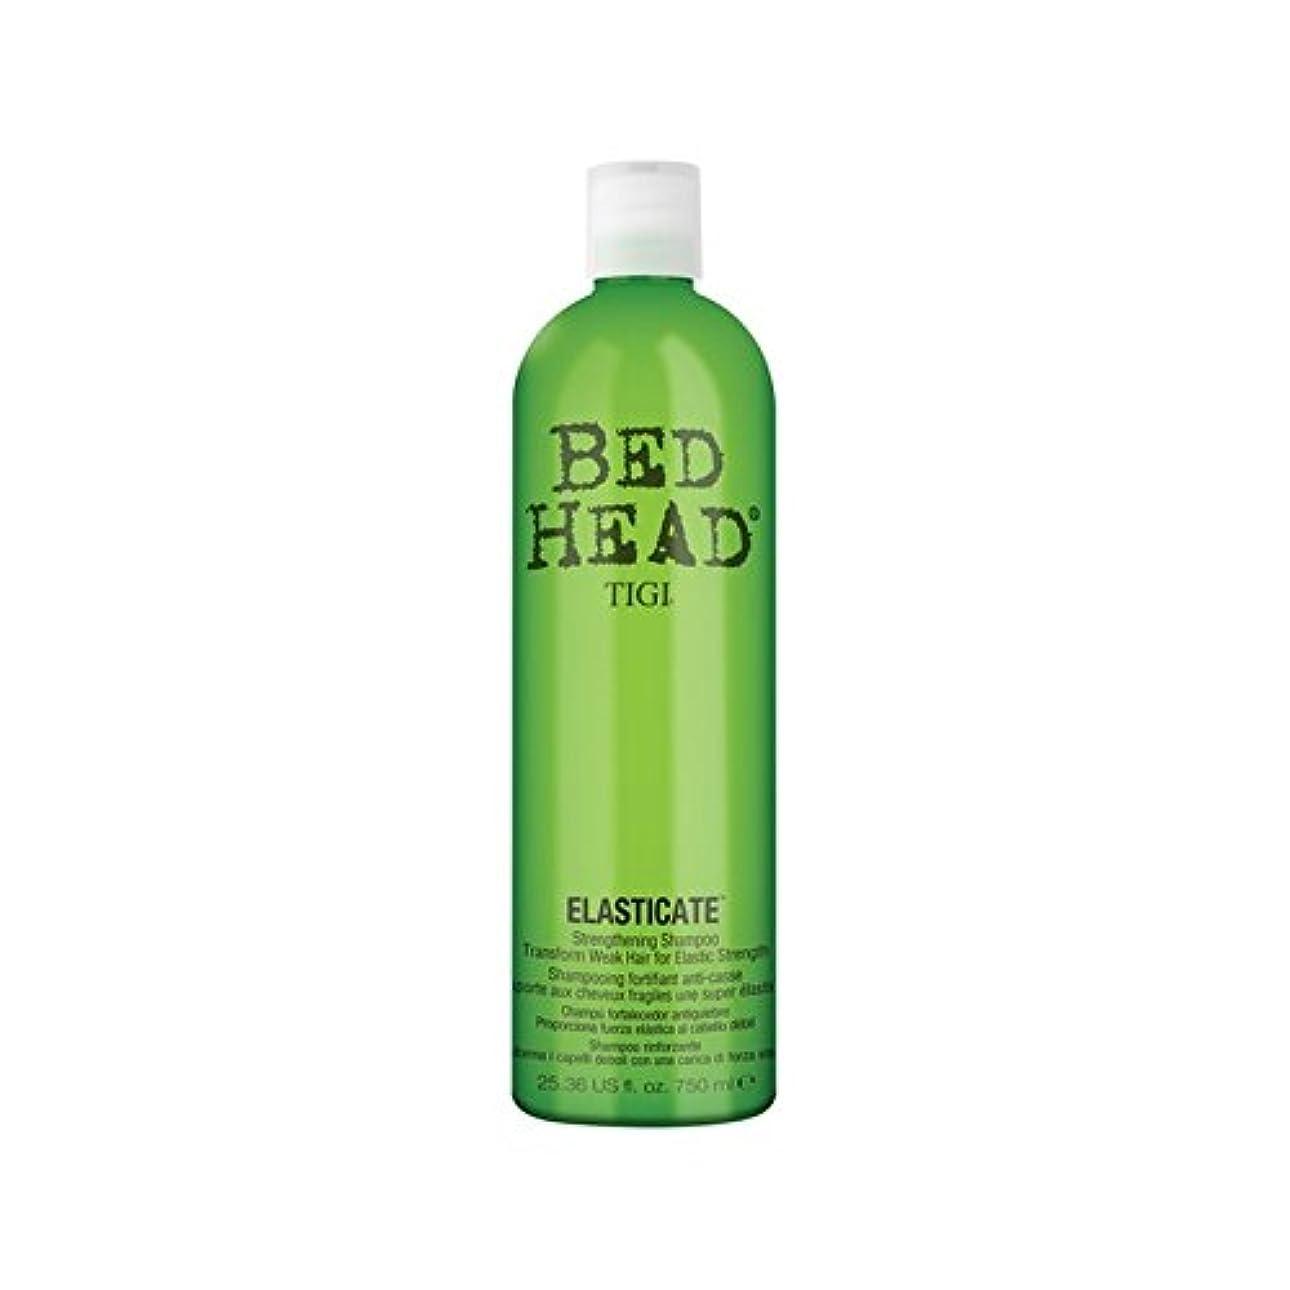 マッシュ義務補充Tigi Bed Head Elasticate Shampoo (750ml) (Pack of 6) - ティジーベッドヘッドシャンプー(750ミリリットル) x6 [並行輸入品]